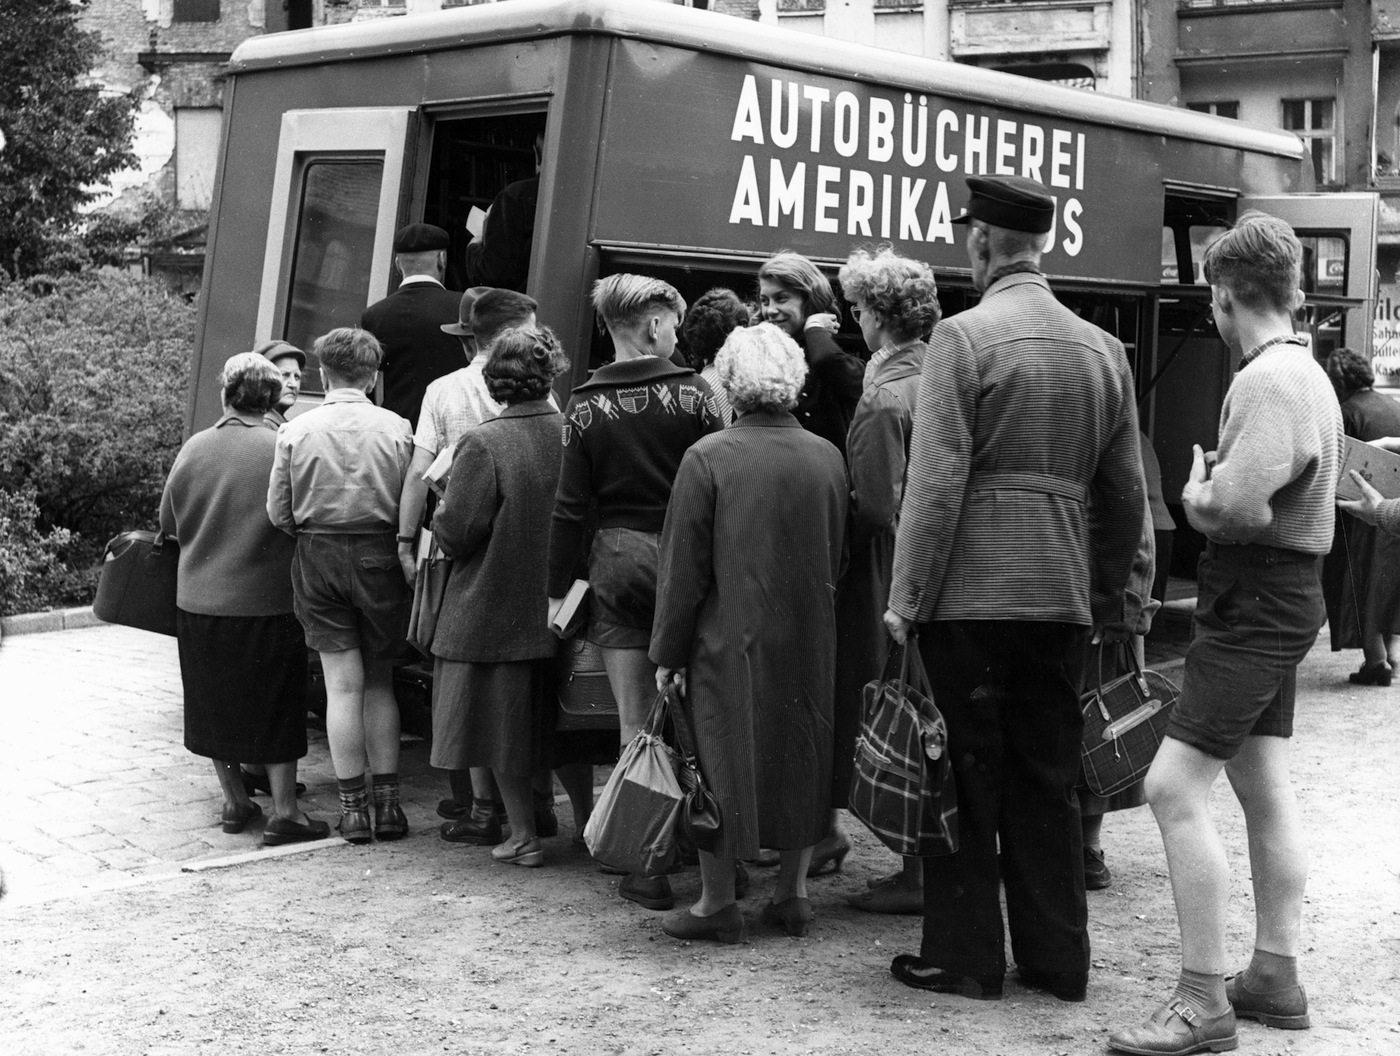 Amerika Haus, 1952. Bücherauto vor dem alten Amerika Haus